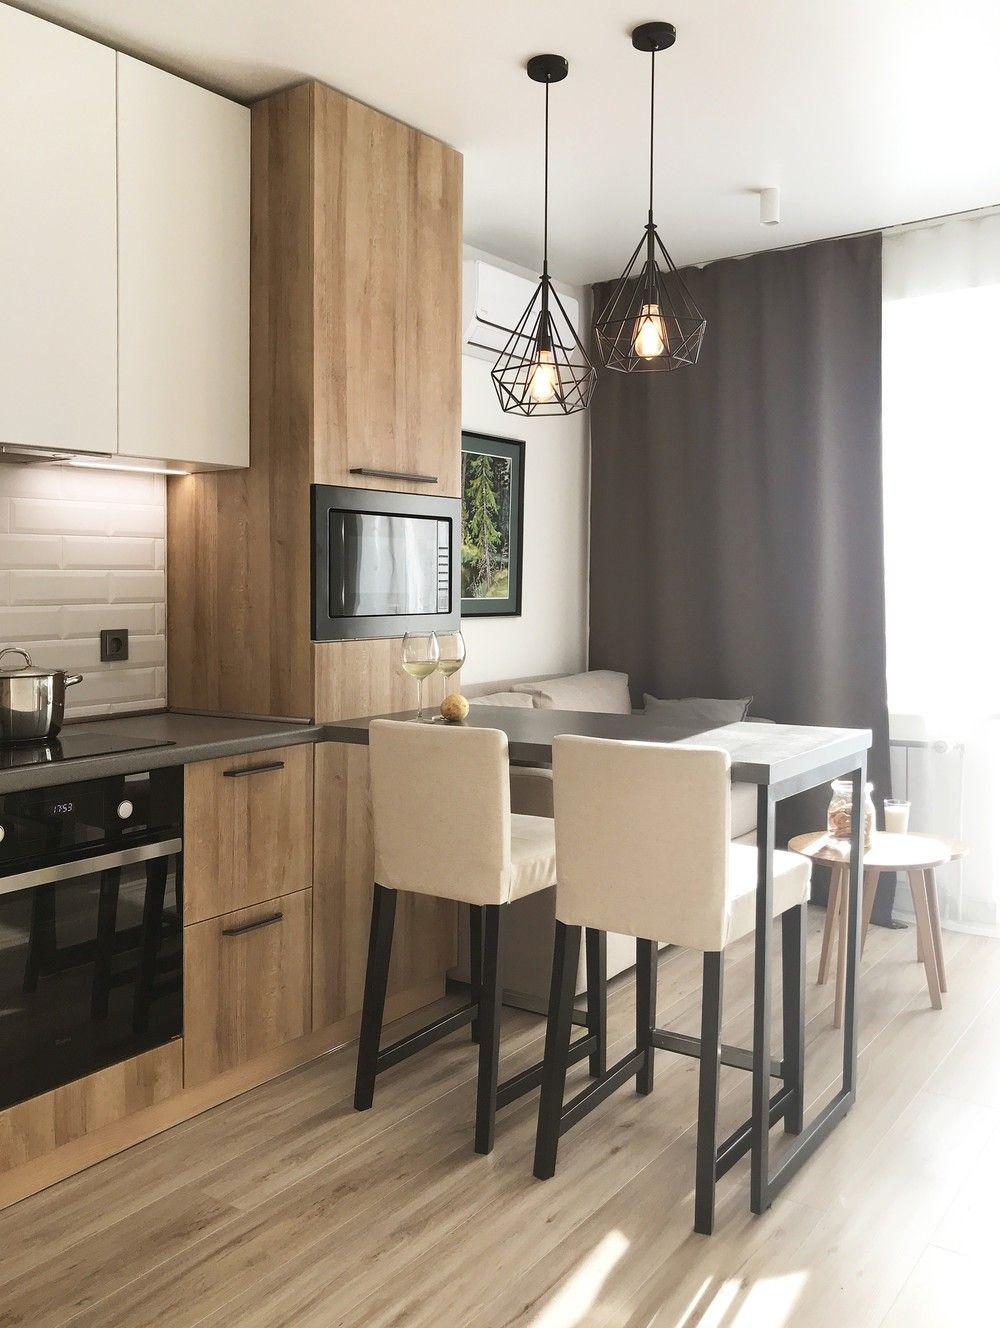 Küchenbeleuchtung ideen kleine küche inspiratie draperii pt dormitor  christoph in   pinterest